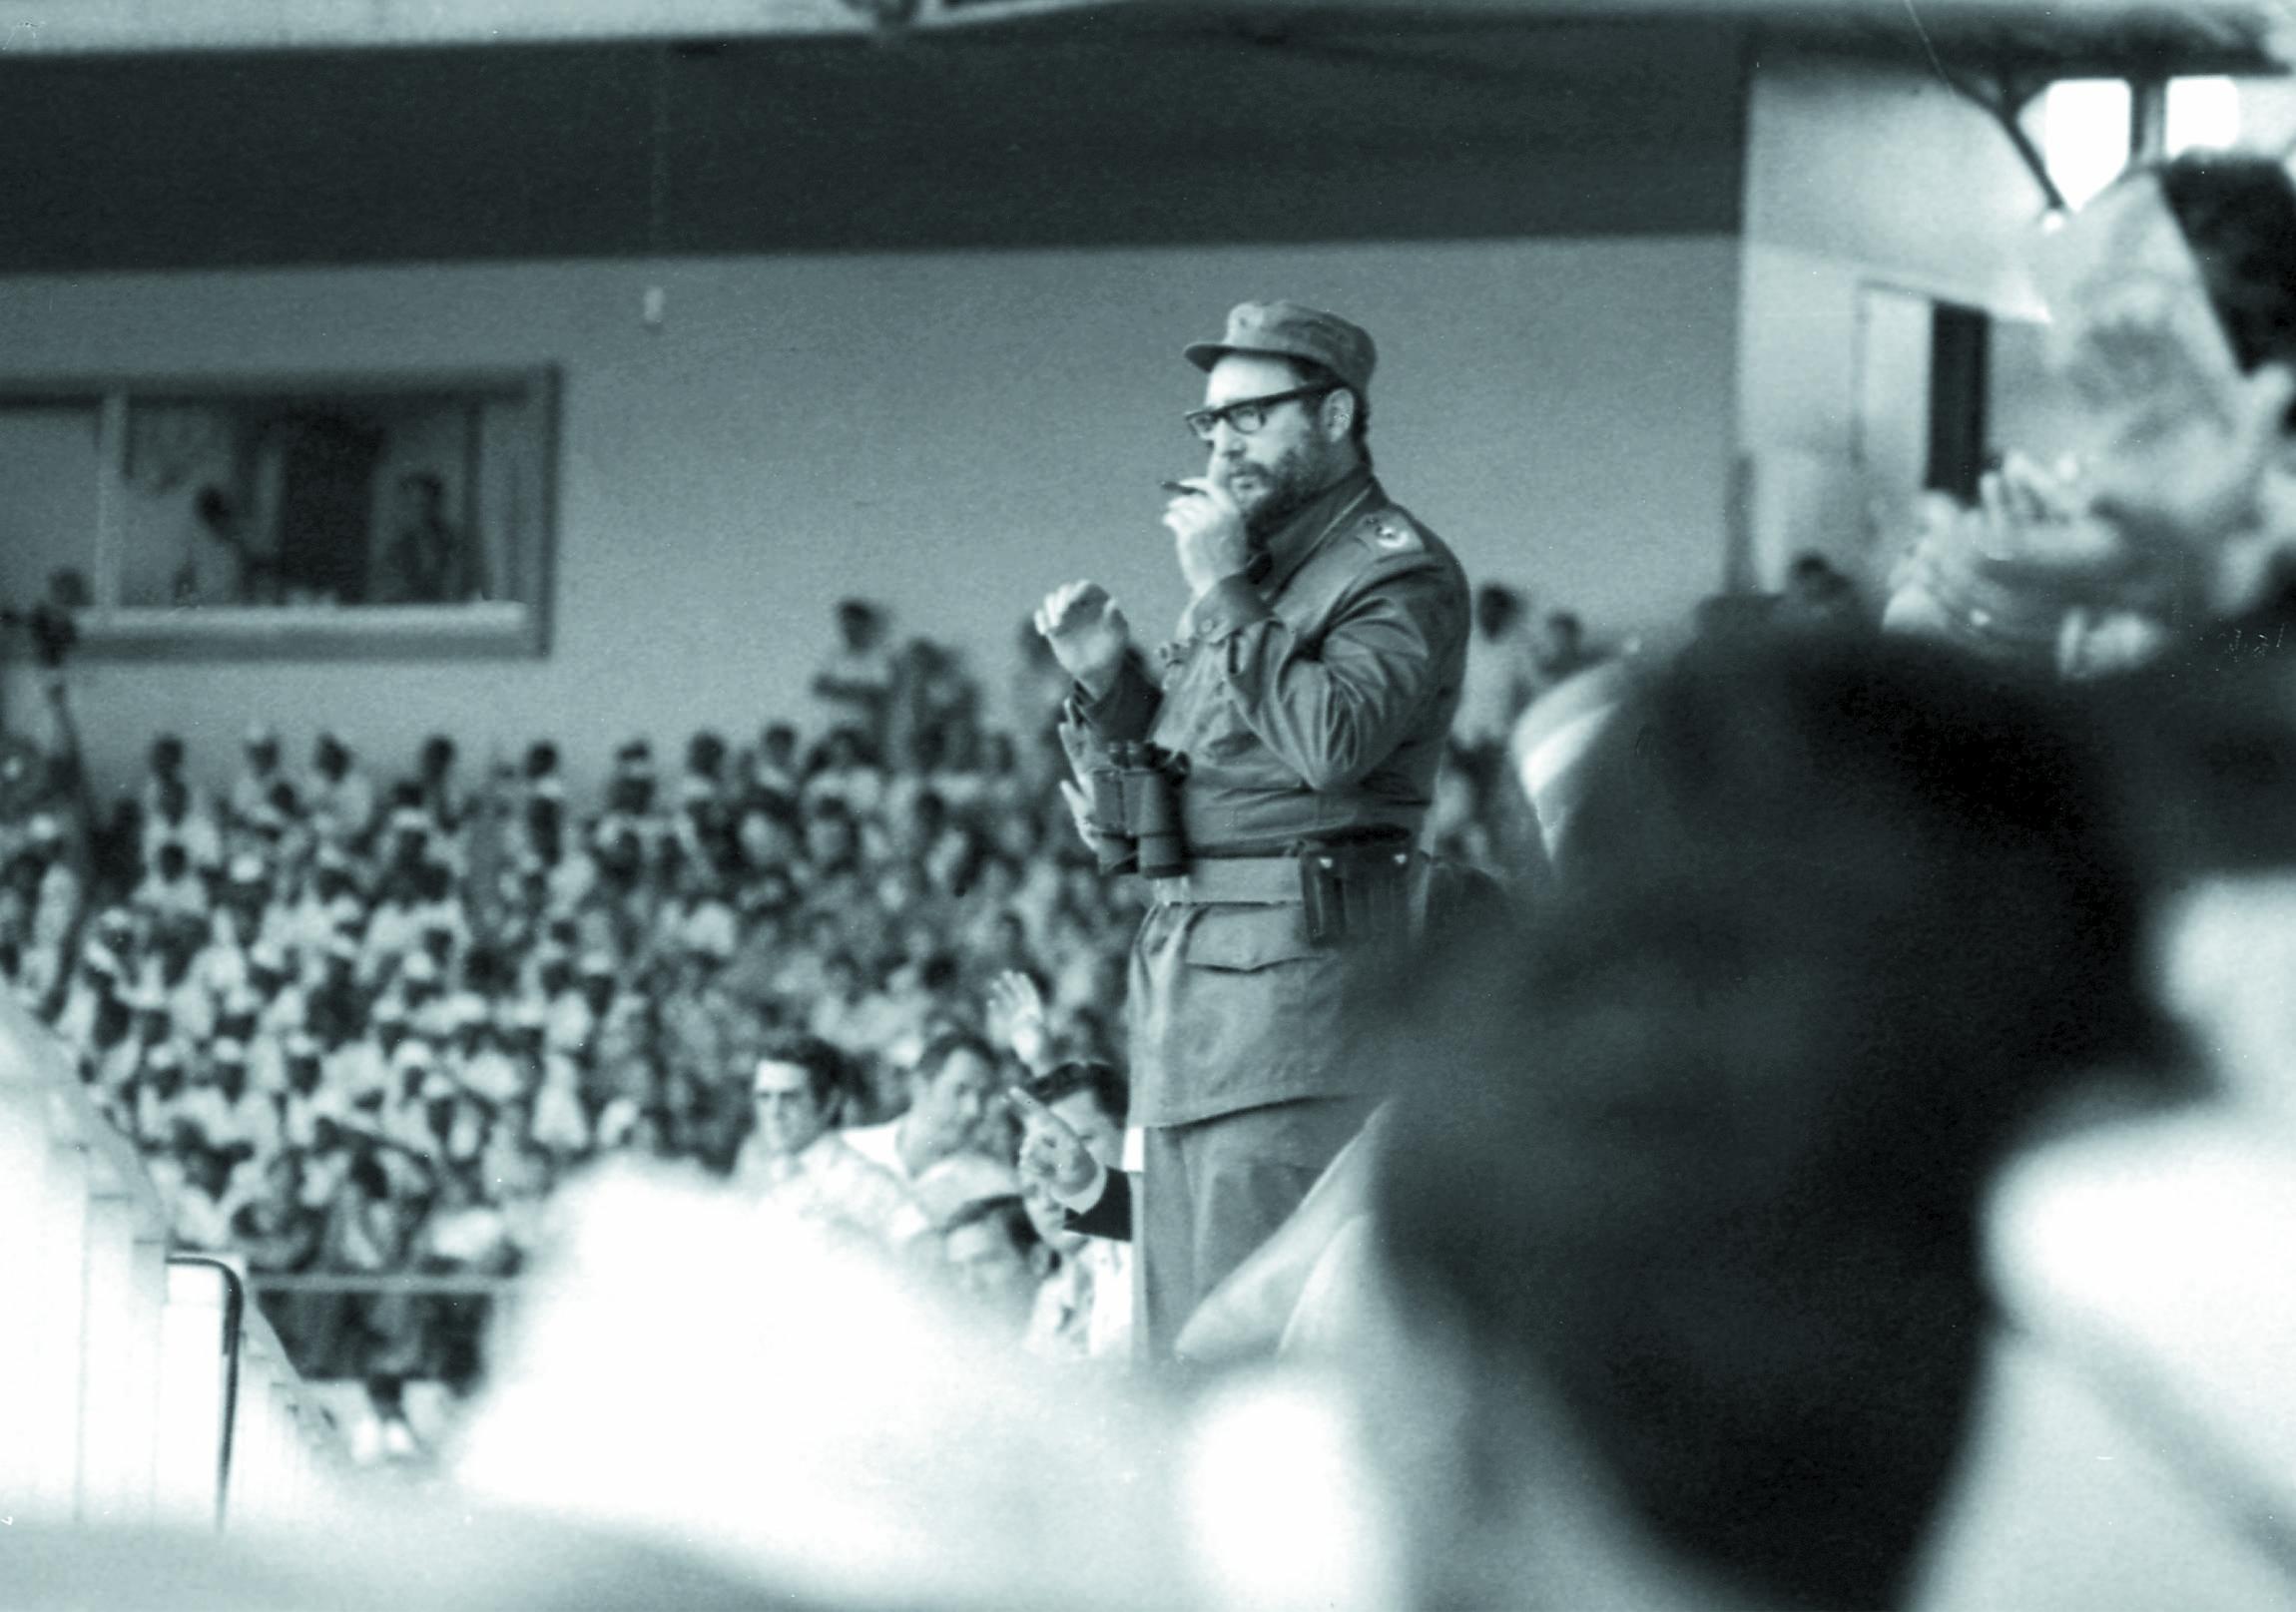 Addio all'ultimo leader rivoluzionario del XX secolo